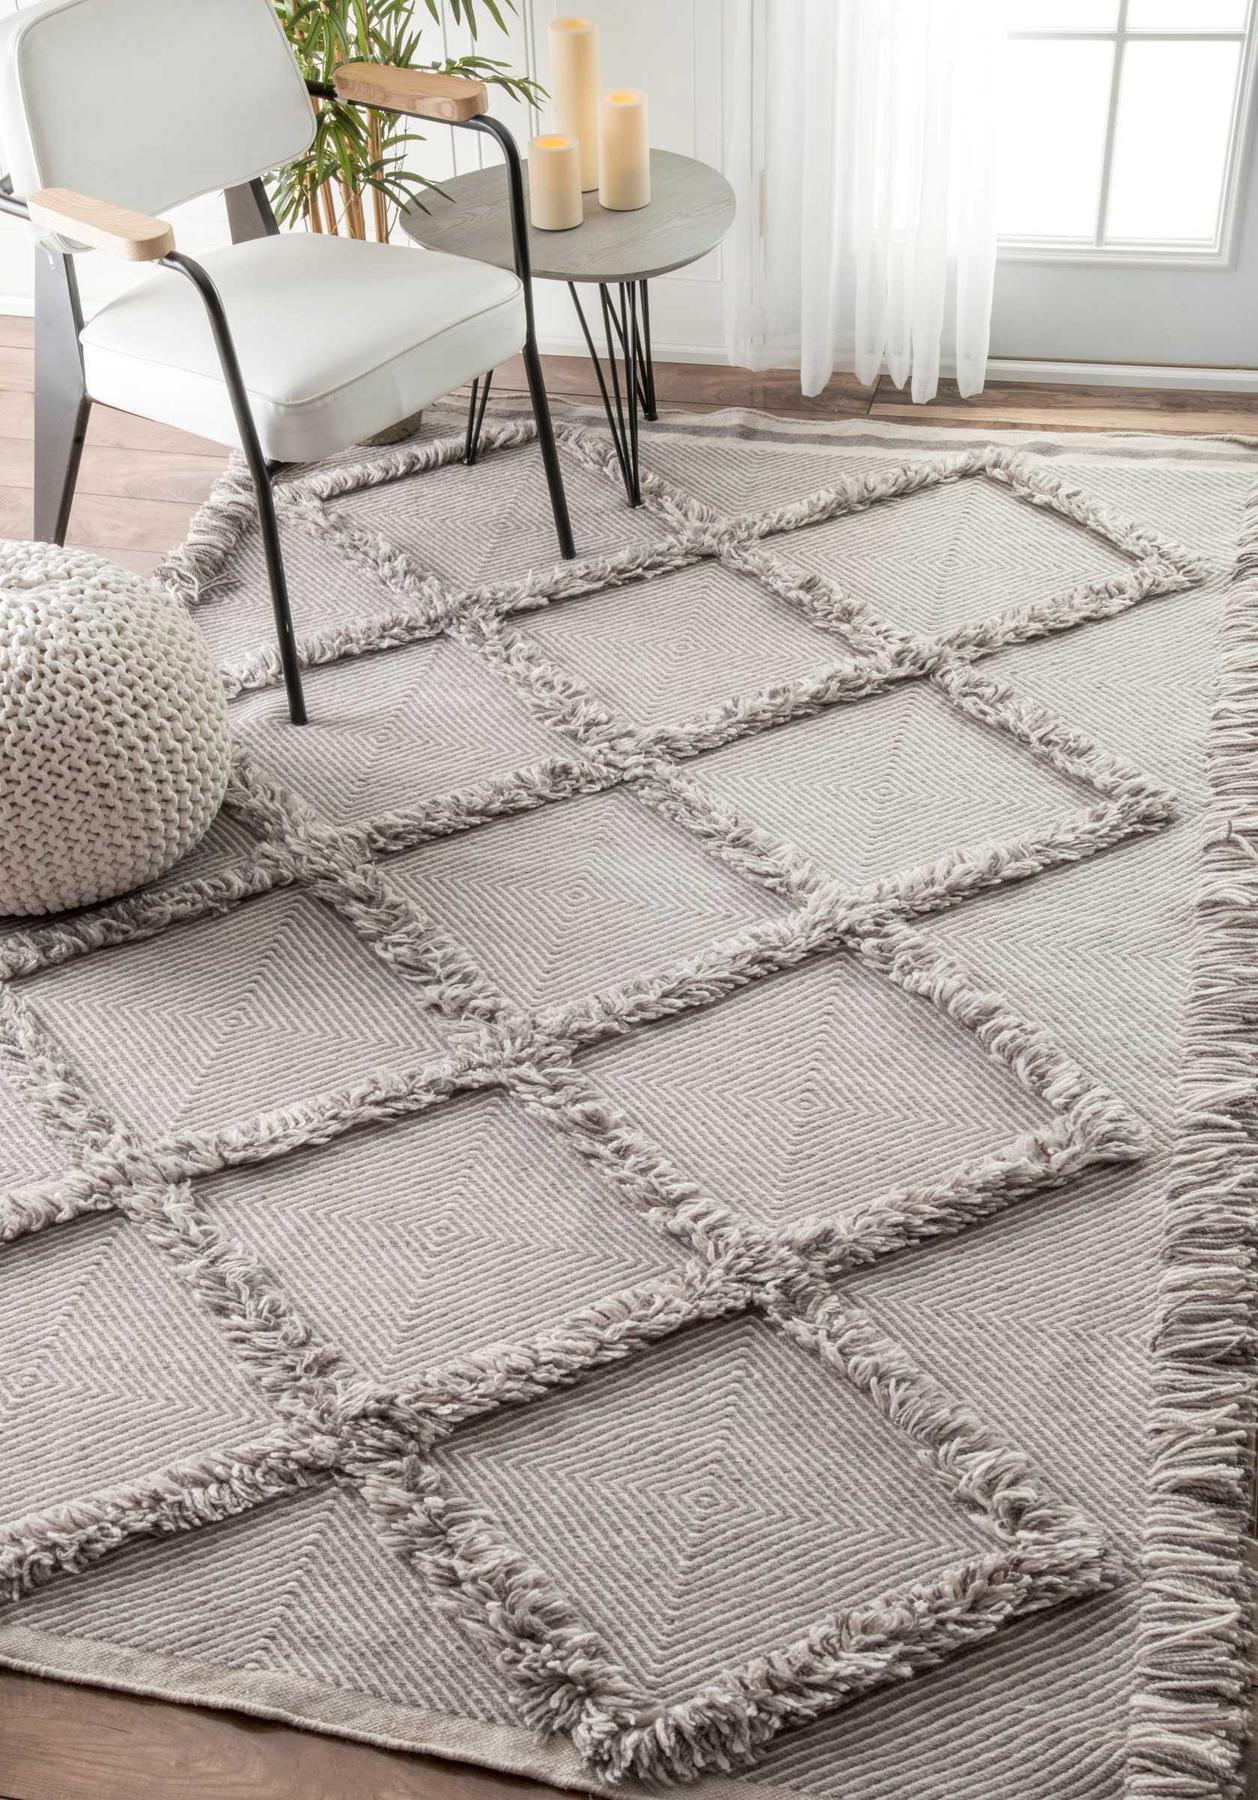 nuloom candolim devon diamond trellis tassel shag rug | plushrugs